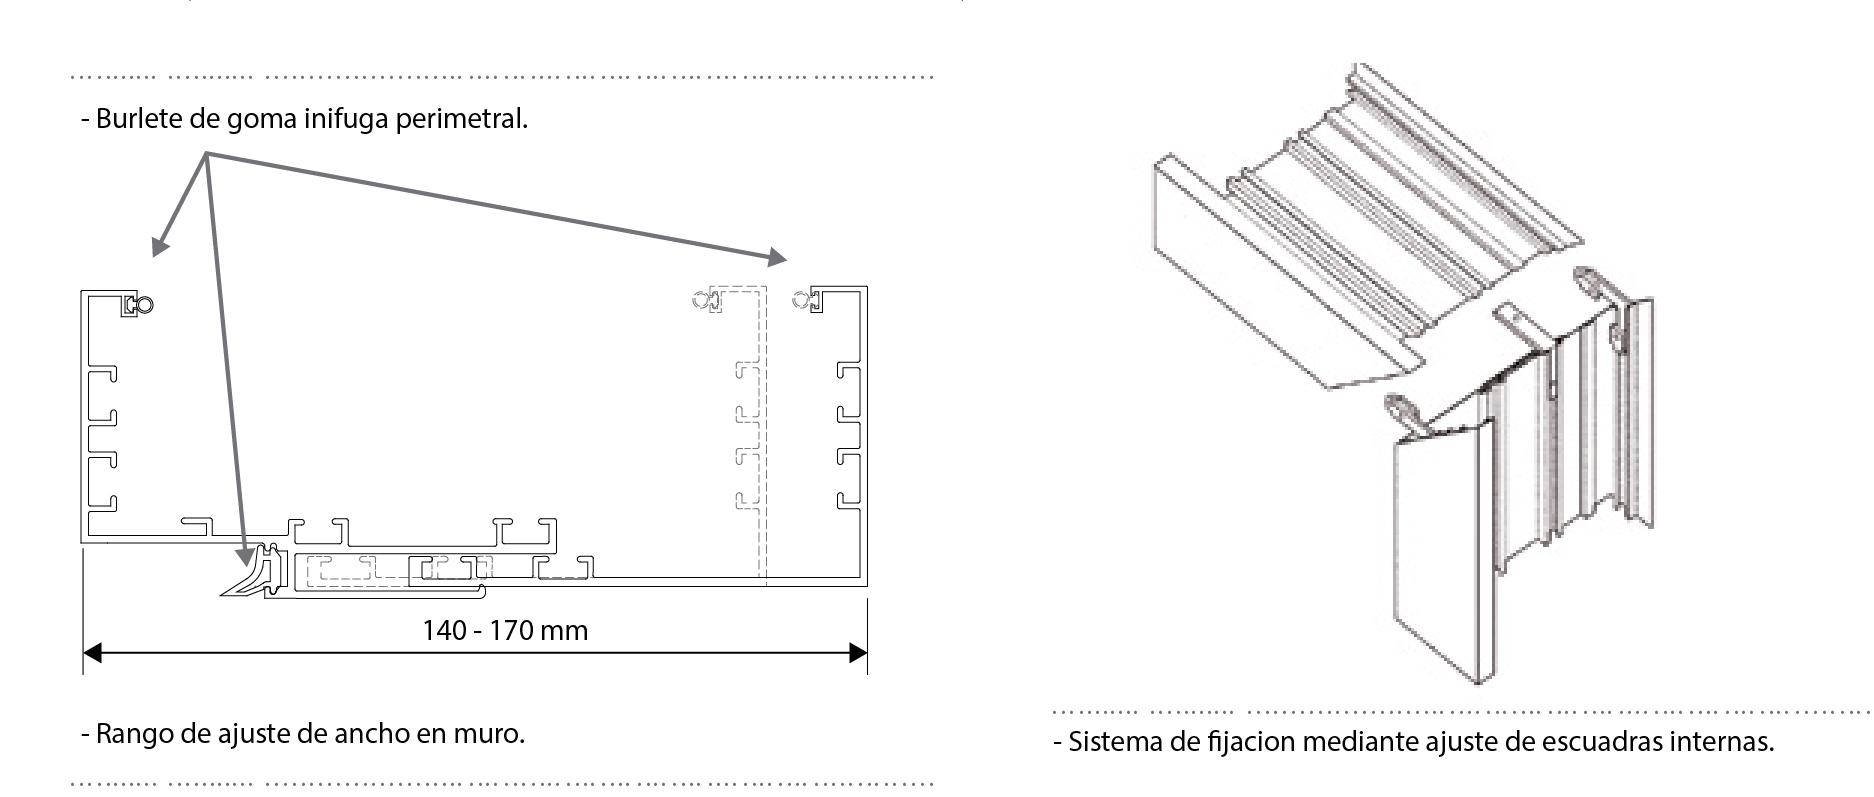 esquema 3 marco telescopico hoteles sysprotec